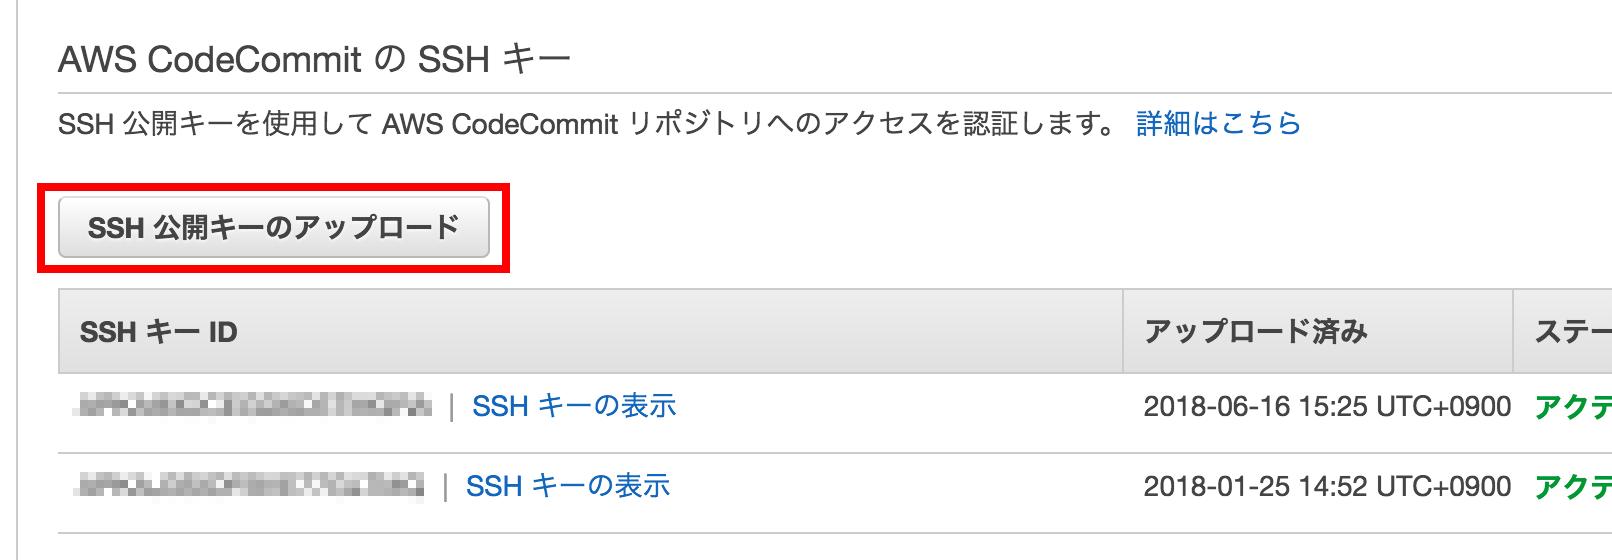 05_IAMにて作成したSSHキーを登録.png